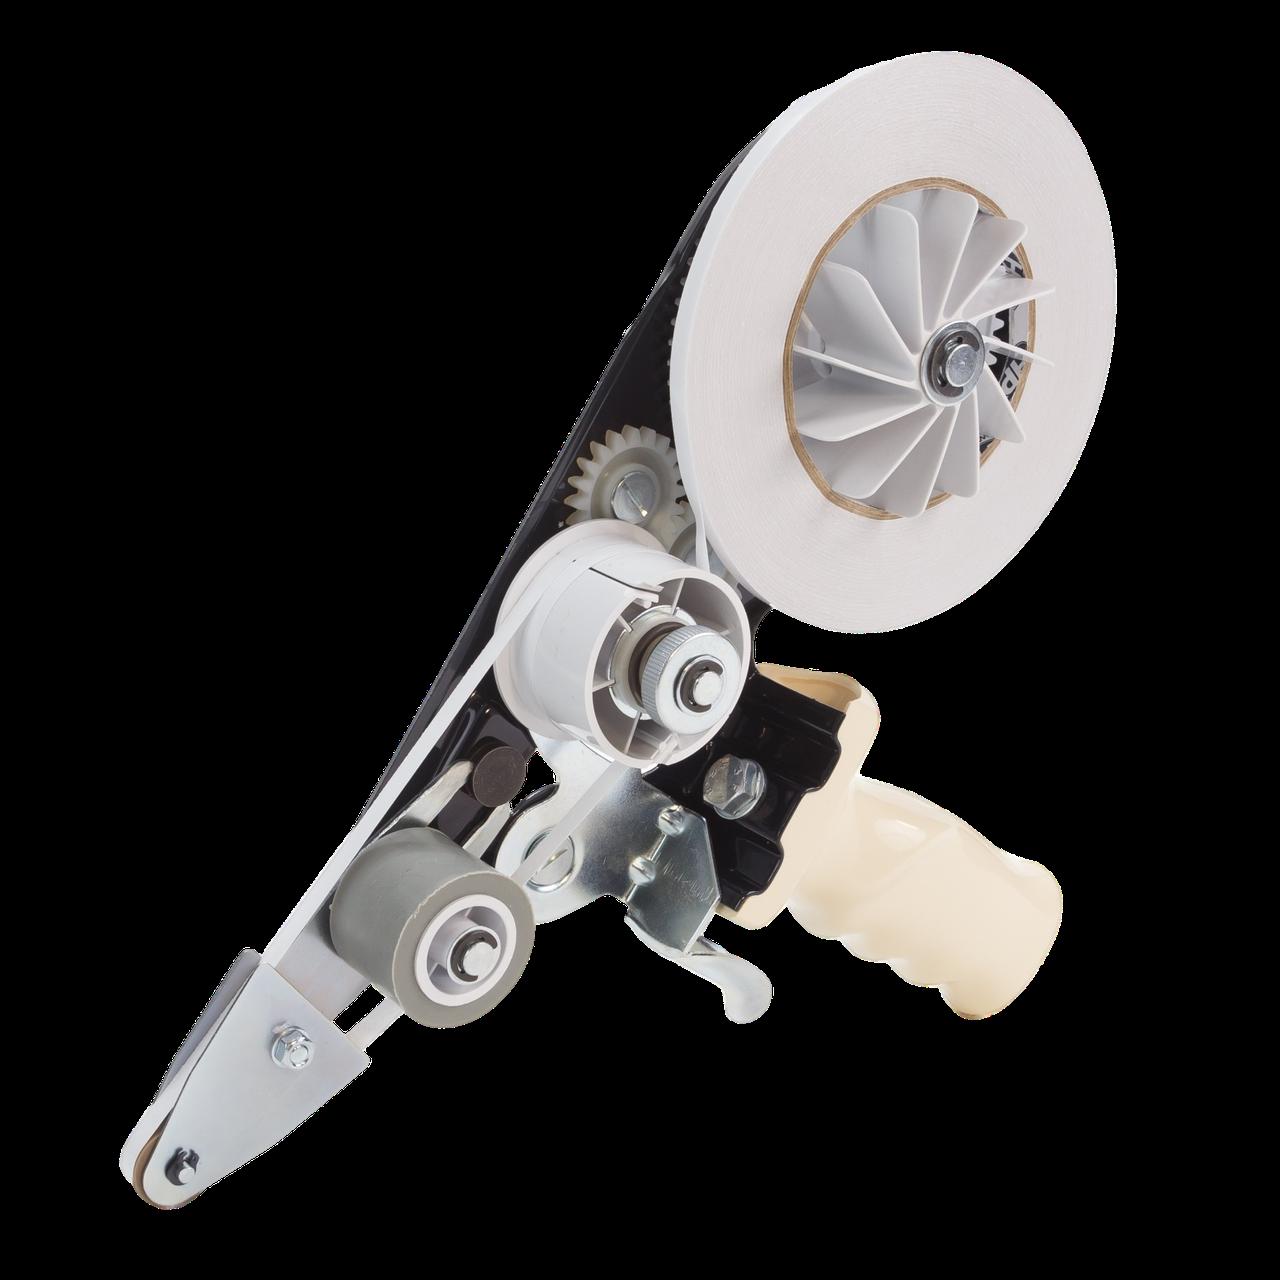 Ручной диспенсер для двухсторонних трансферных и нетканых лент до 25 мм